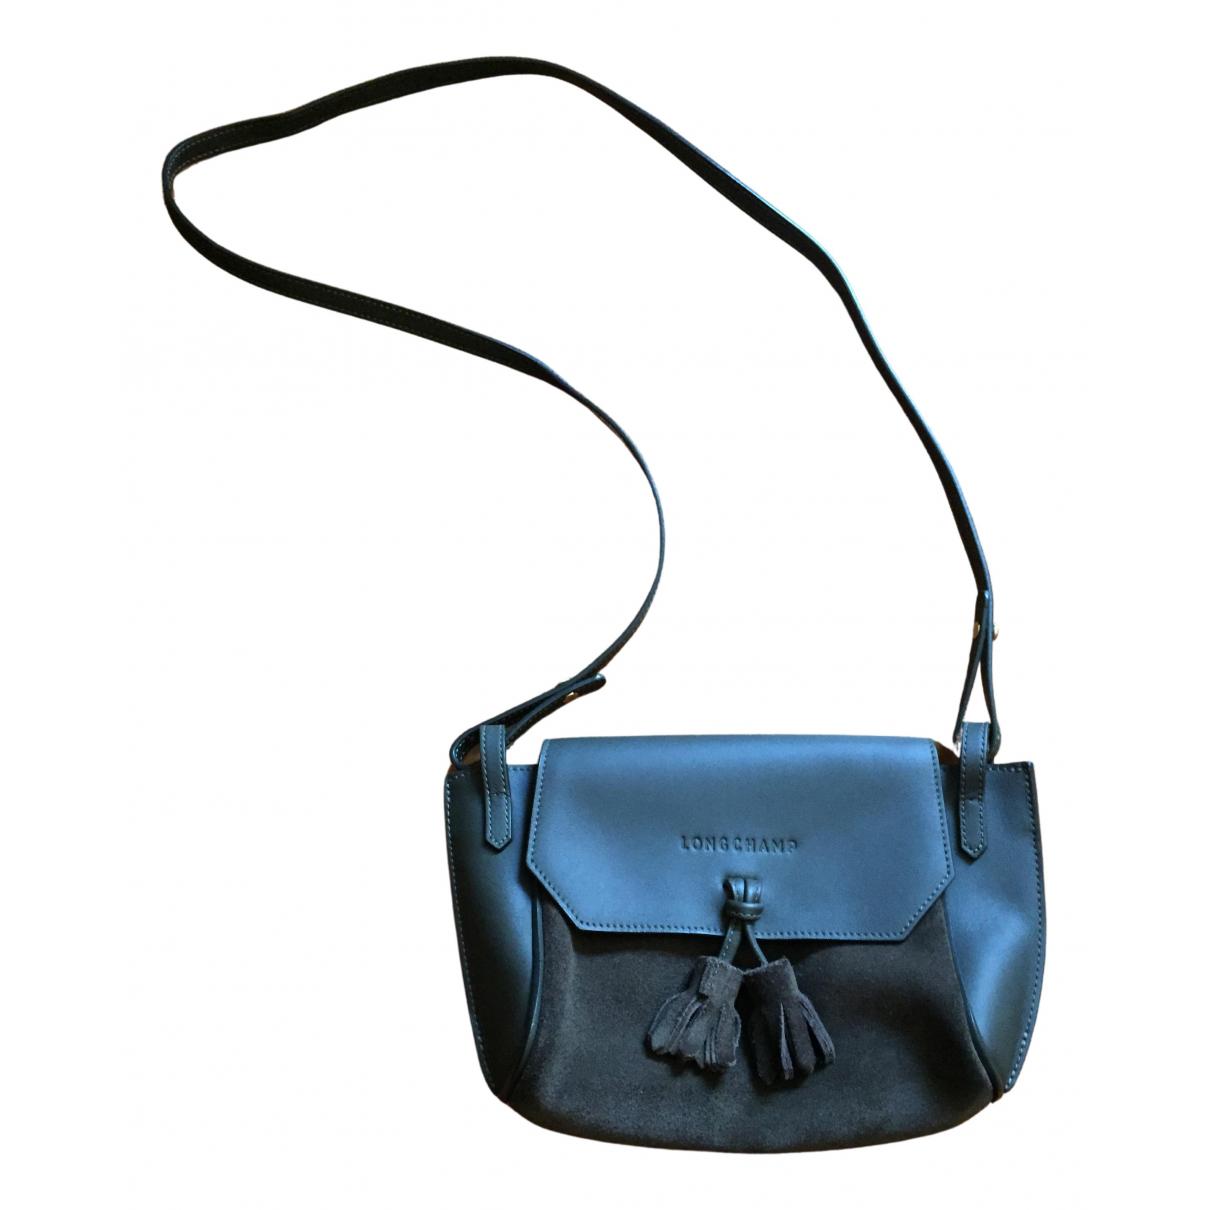 Longchamp - Sac a main Penelope  pour femme en cuir - kaki